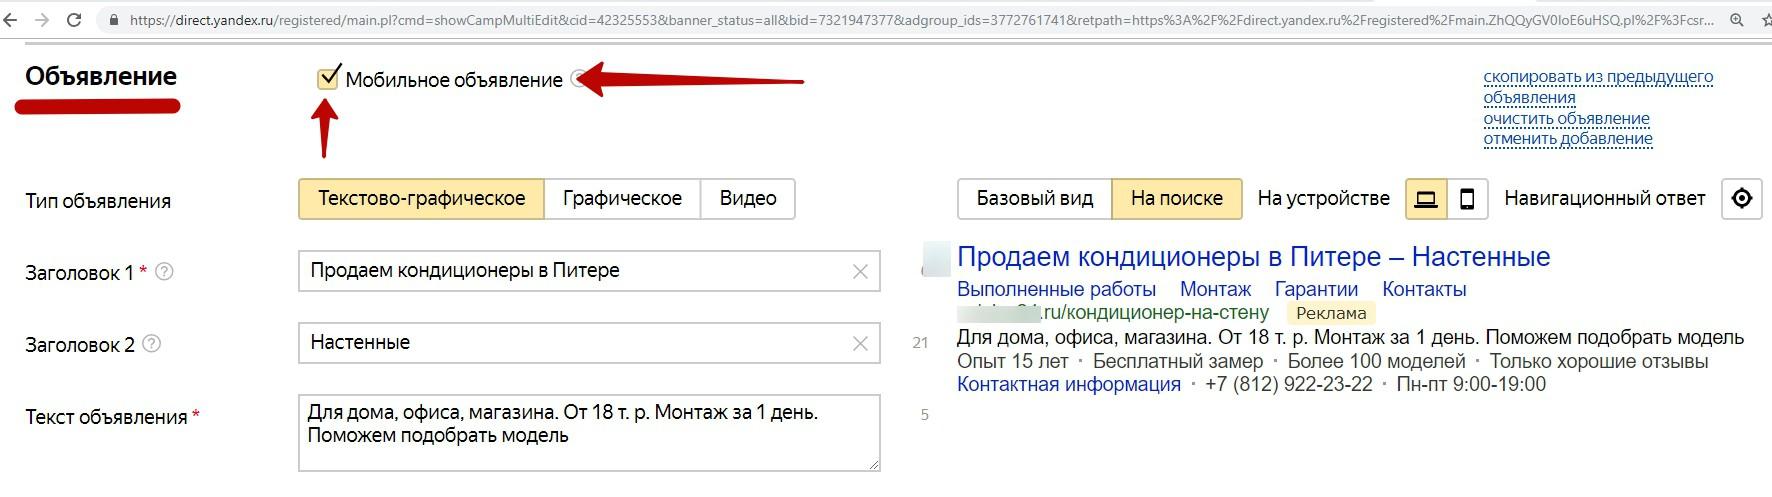 Реклама на поиске Яндекса – добавление мобильного объявления